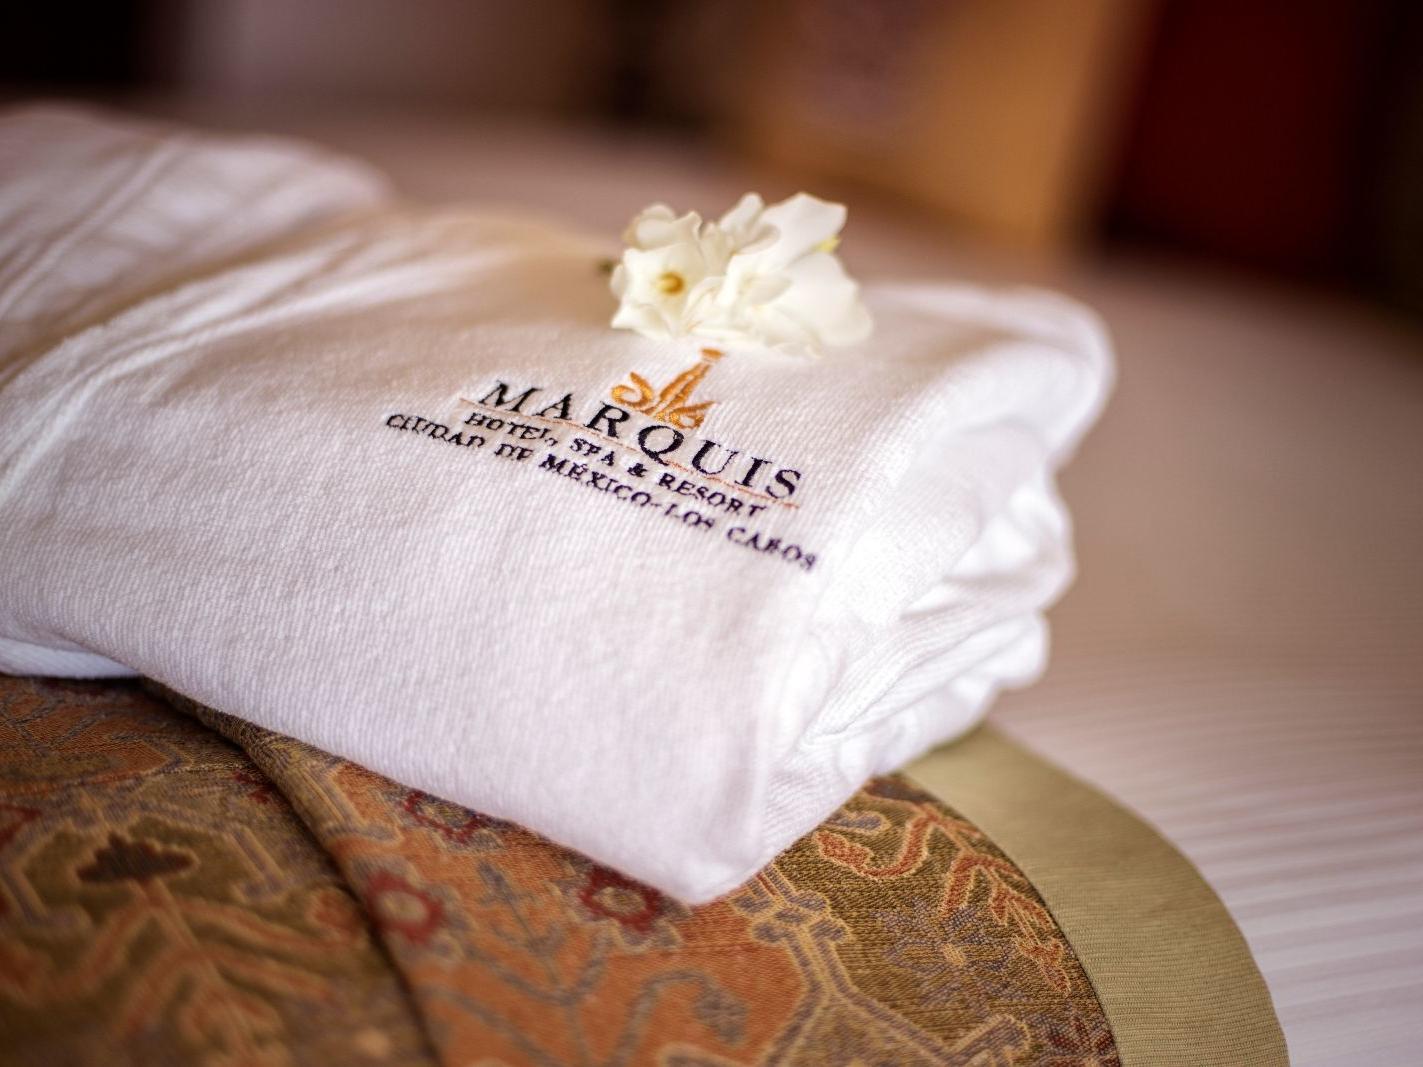 a flower on a folded bath robe